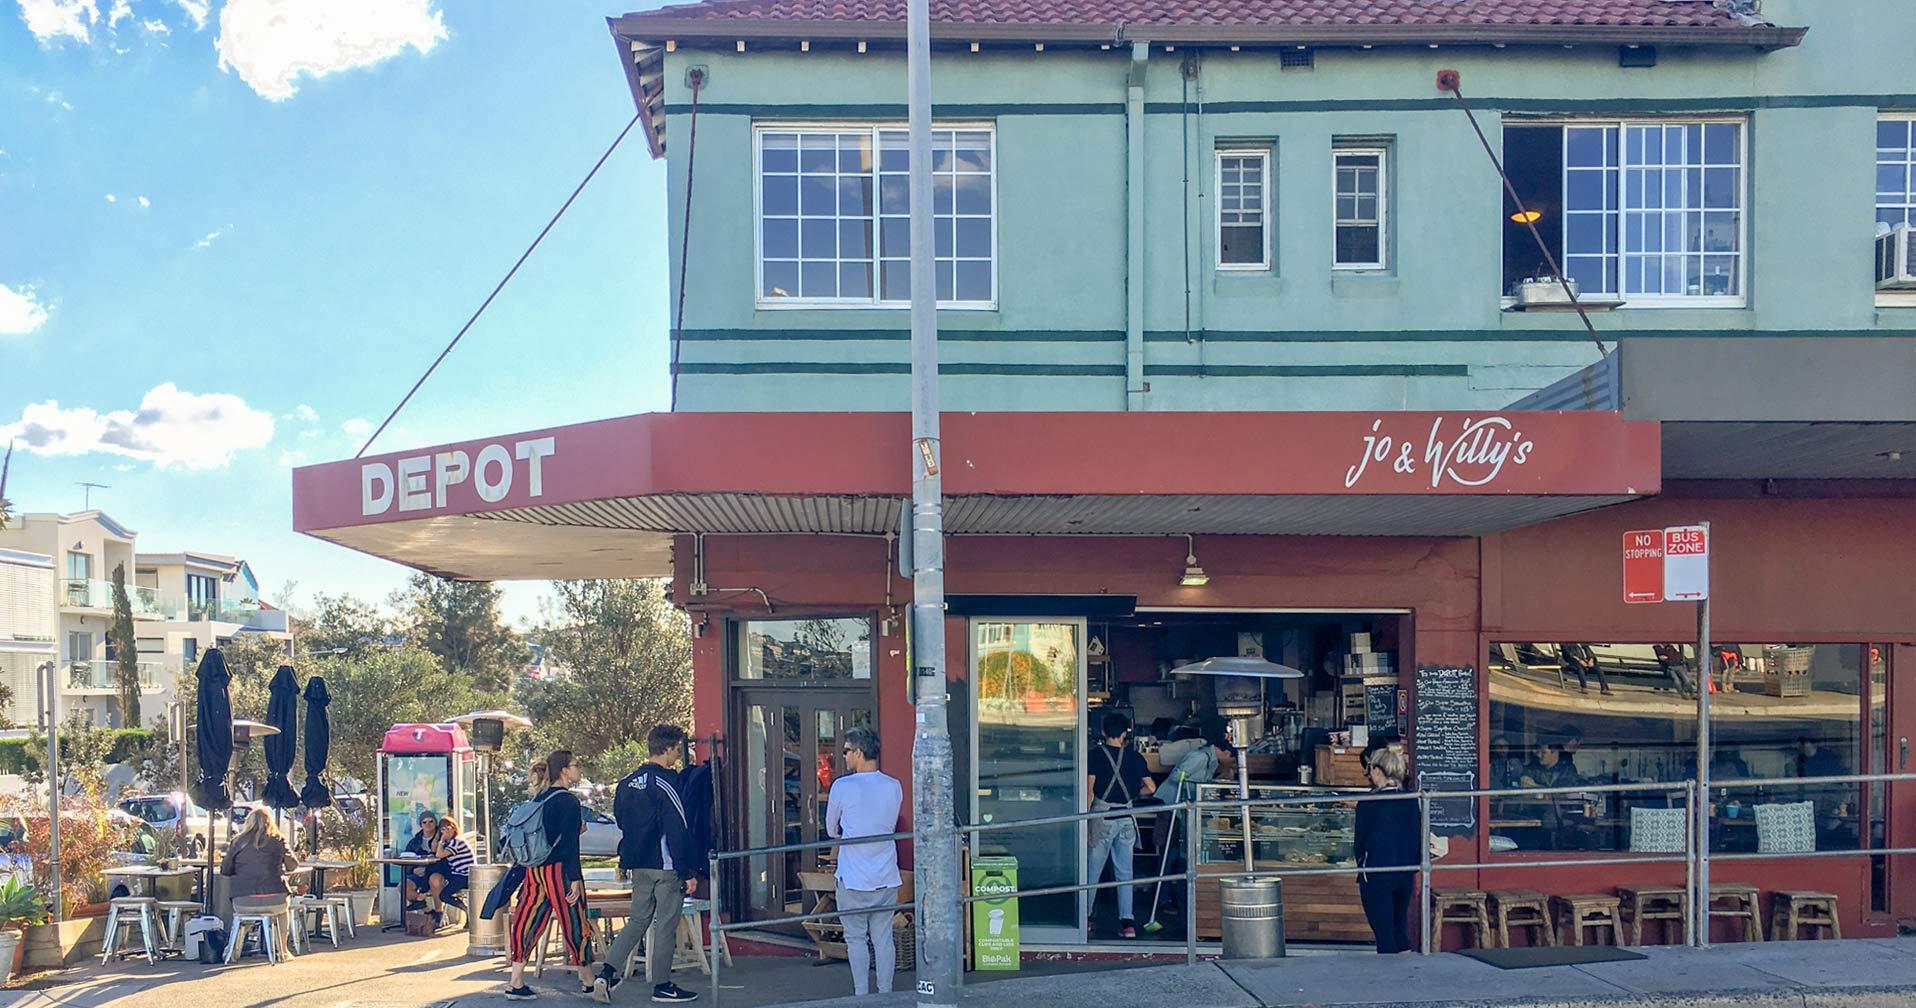 ノース・ボンダイのランドマーク的カフェ THE DEPOT(ザ・デポ)  NORTH BONDI